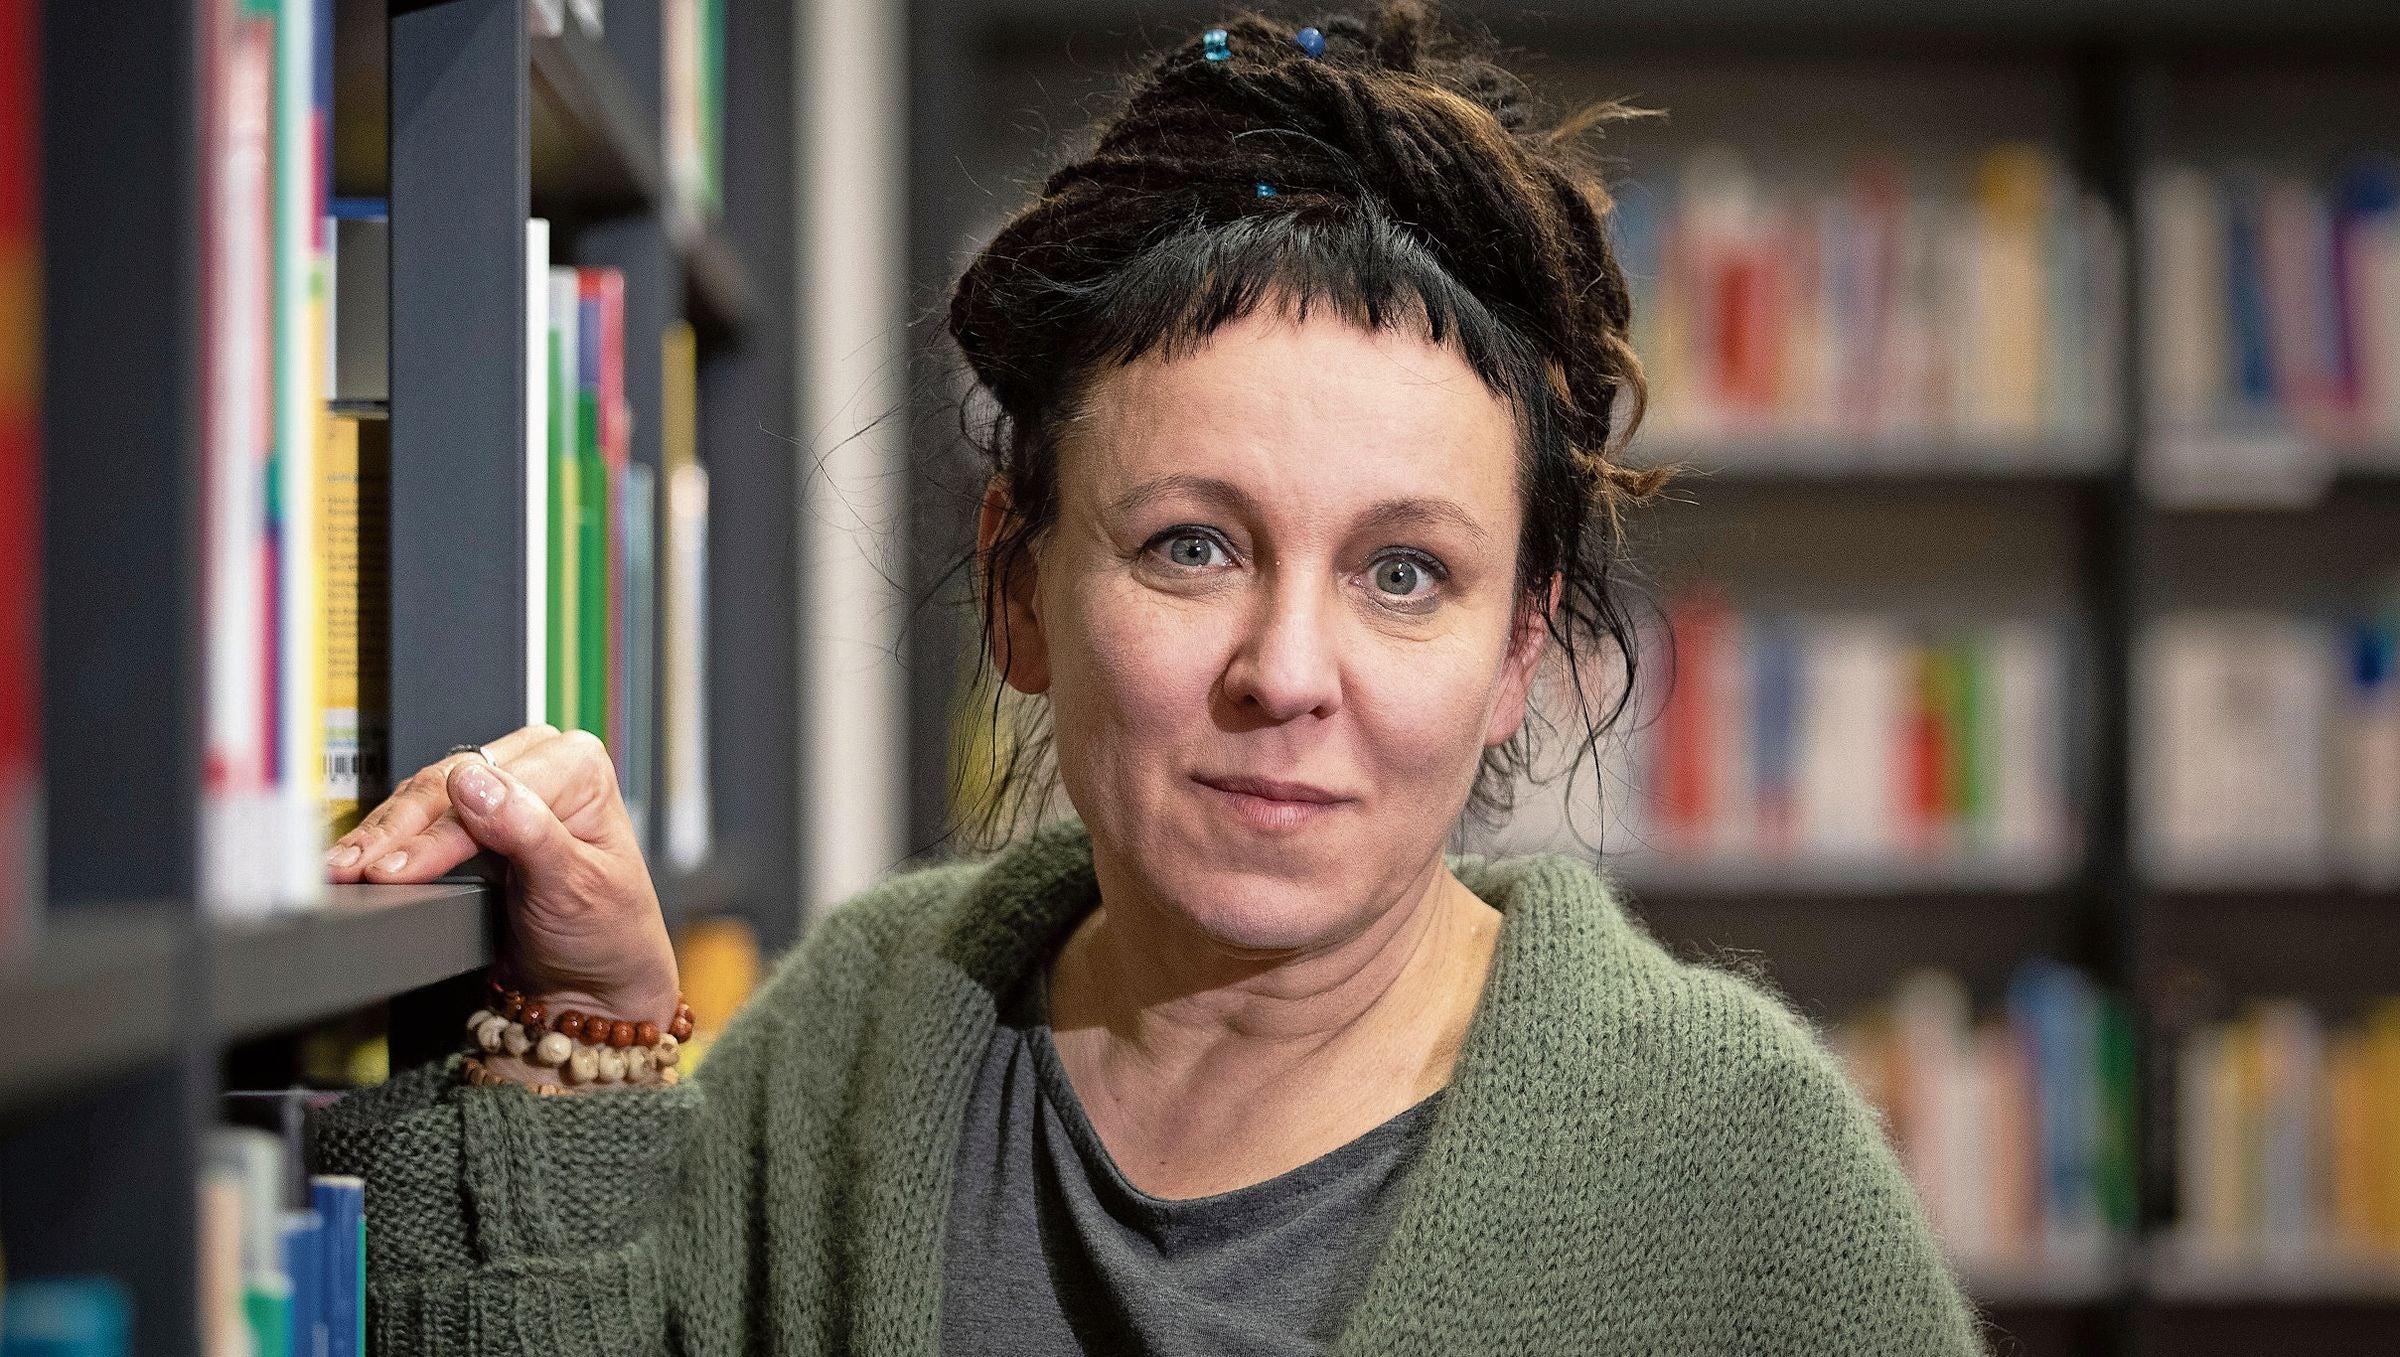 Ihr Werk ist verblüffend vielseitig: So tickt die neue Literaturnobelpreisträgerin Olga Tokarczuk   St.Galler Tagblatt